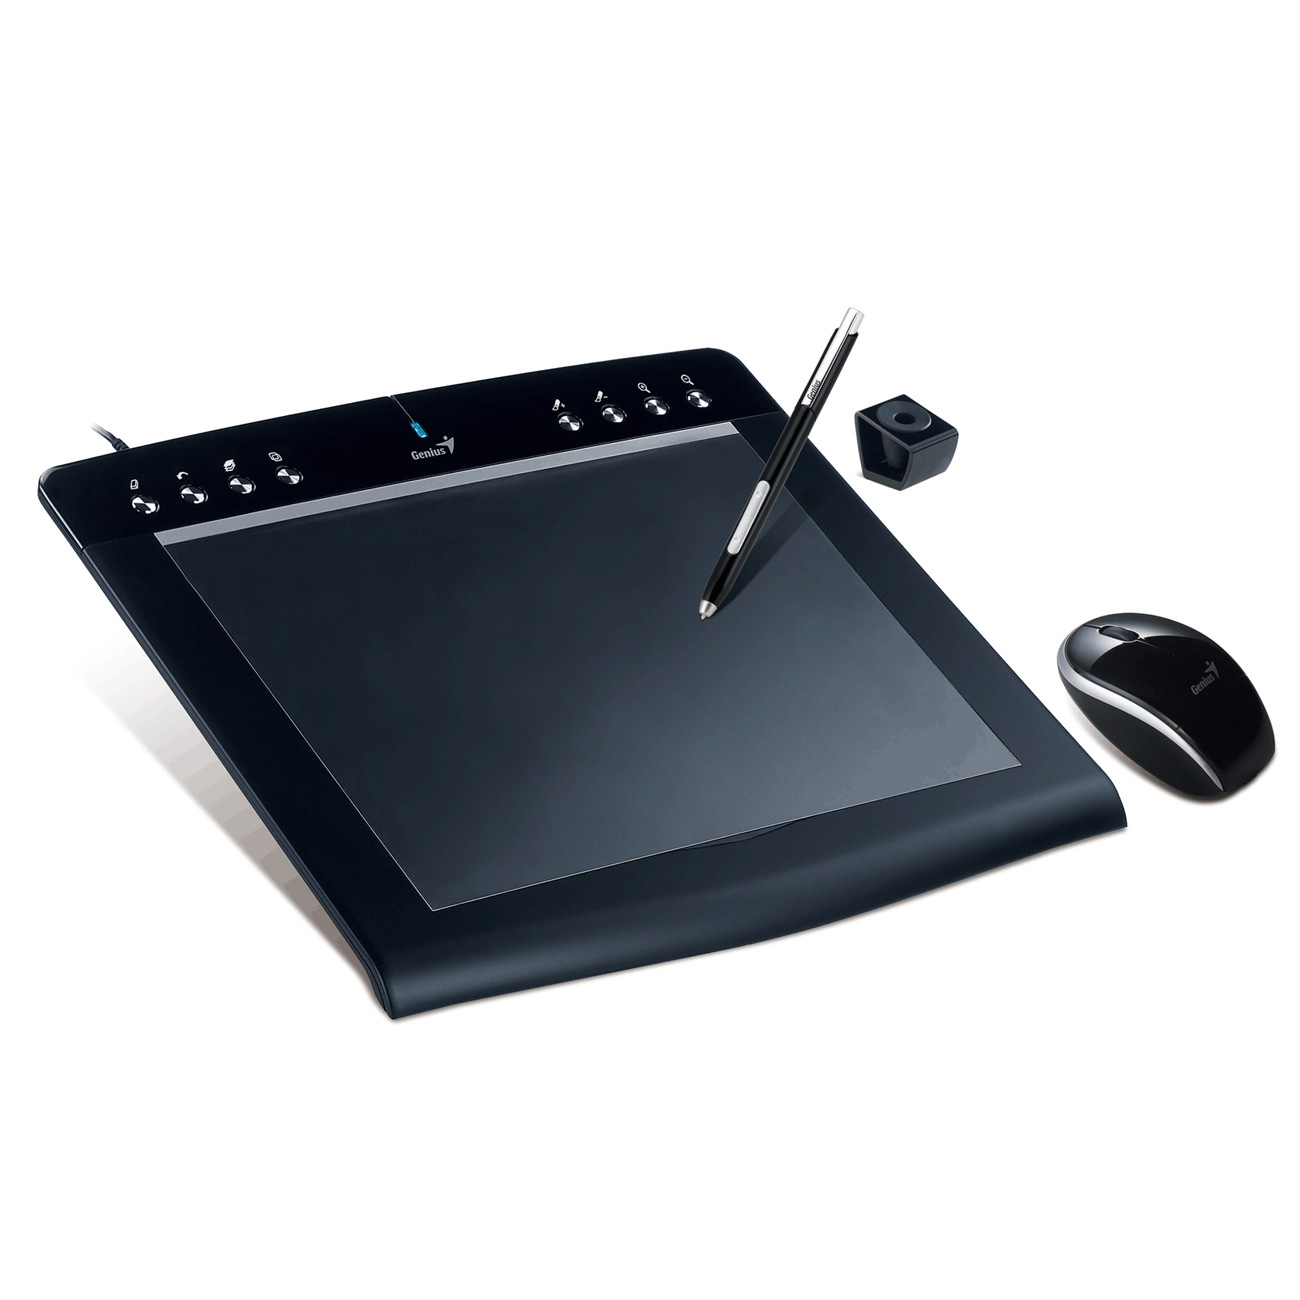 genius pensketch m912a tablette graphique genius sur. Black Bedroom Furniture Sets. Home Design Ideas